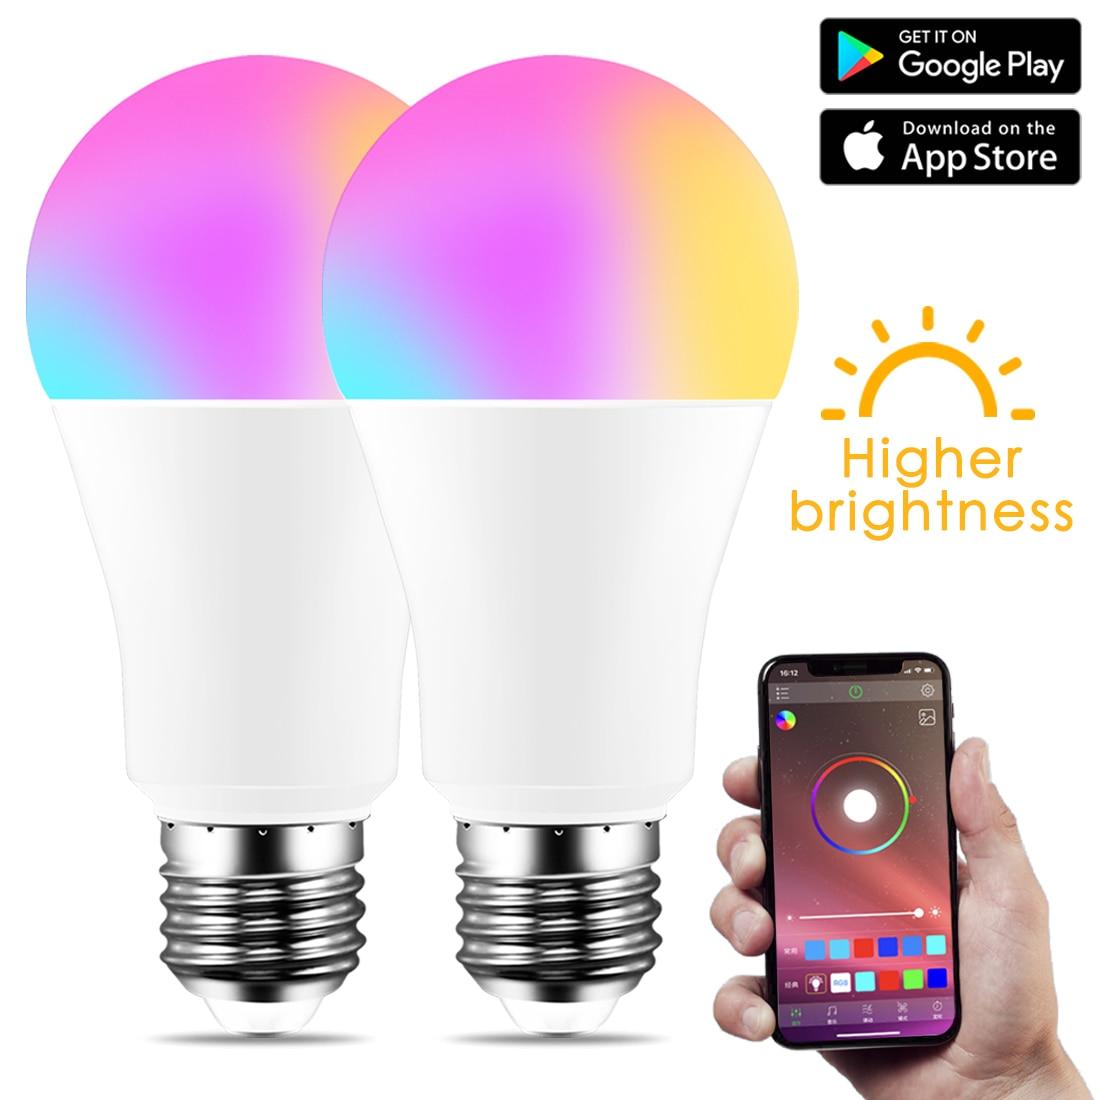 Novo sem fio bluetooth 4.0 inteligente lâmpada de iluminação para casa 10 w e27 magia rgb + w led mudança cor lâmpada regulável ios/android